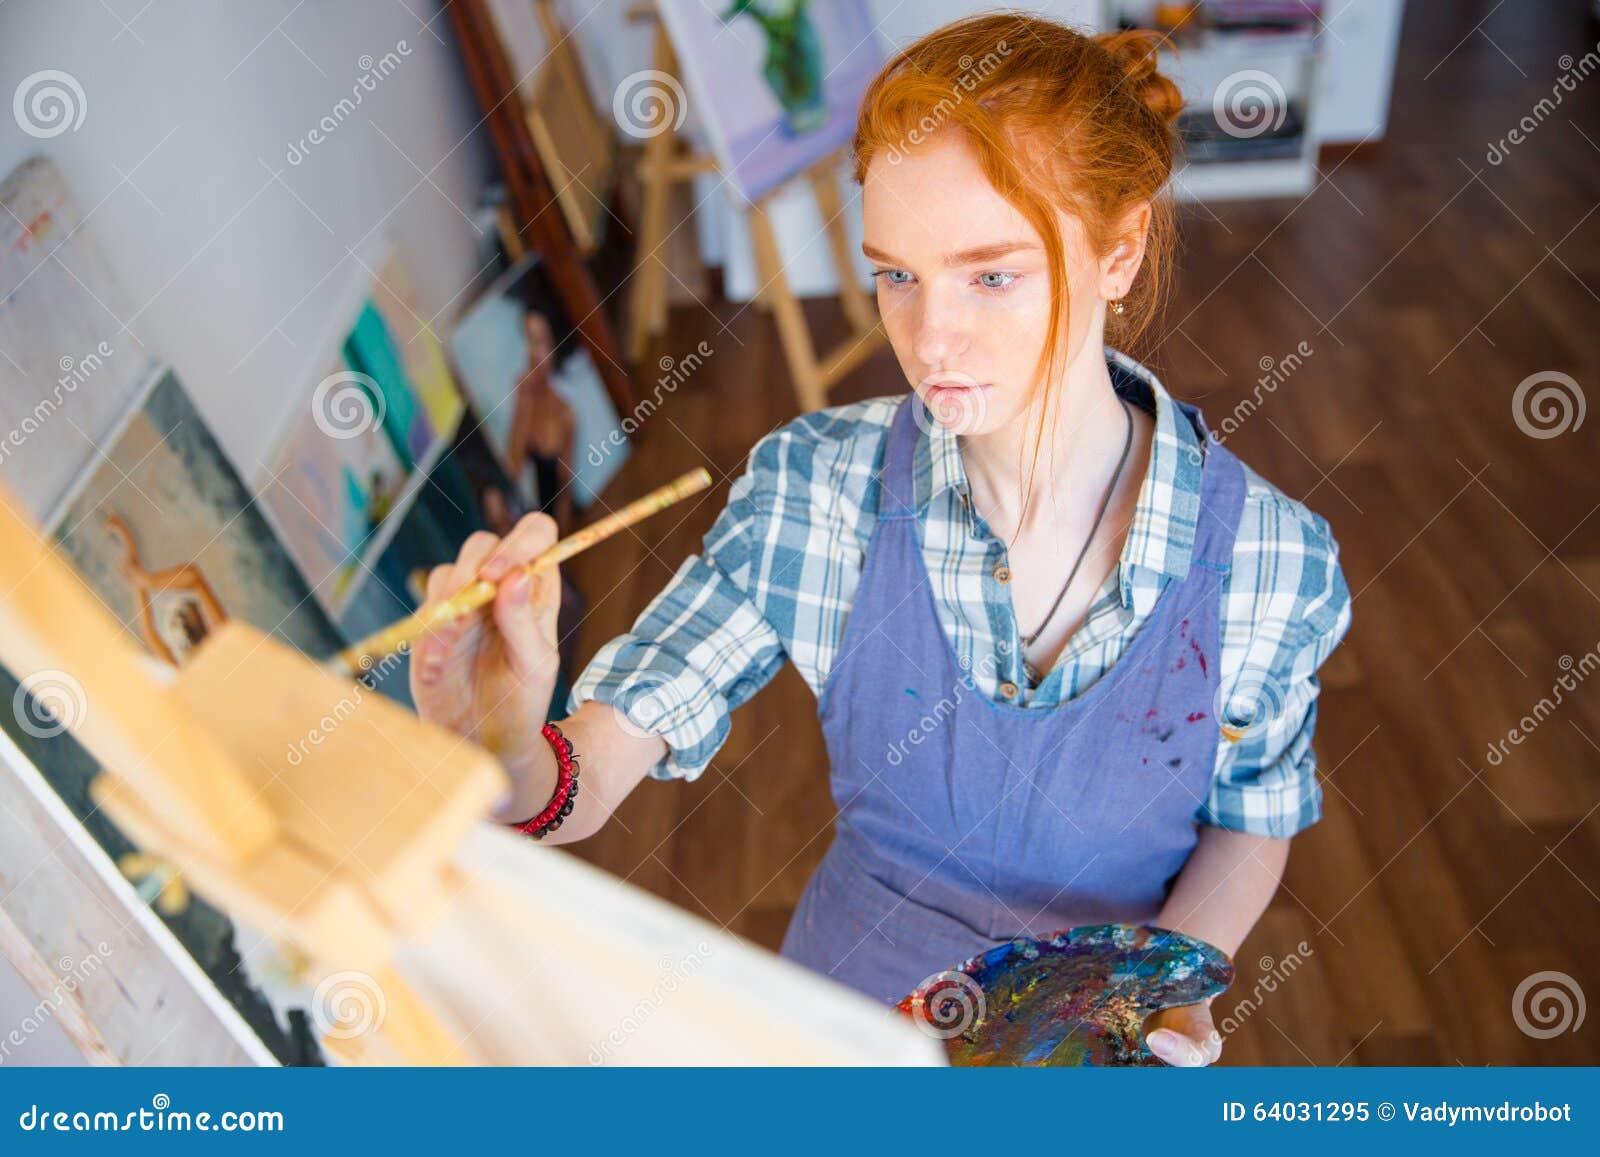 Skoncentrowana kobieta malarza mienia sztuki paleta i obraz na kanwie